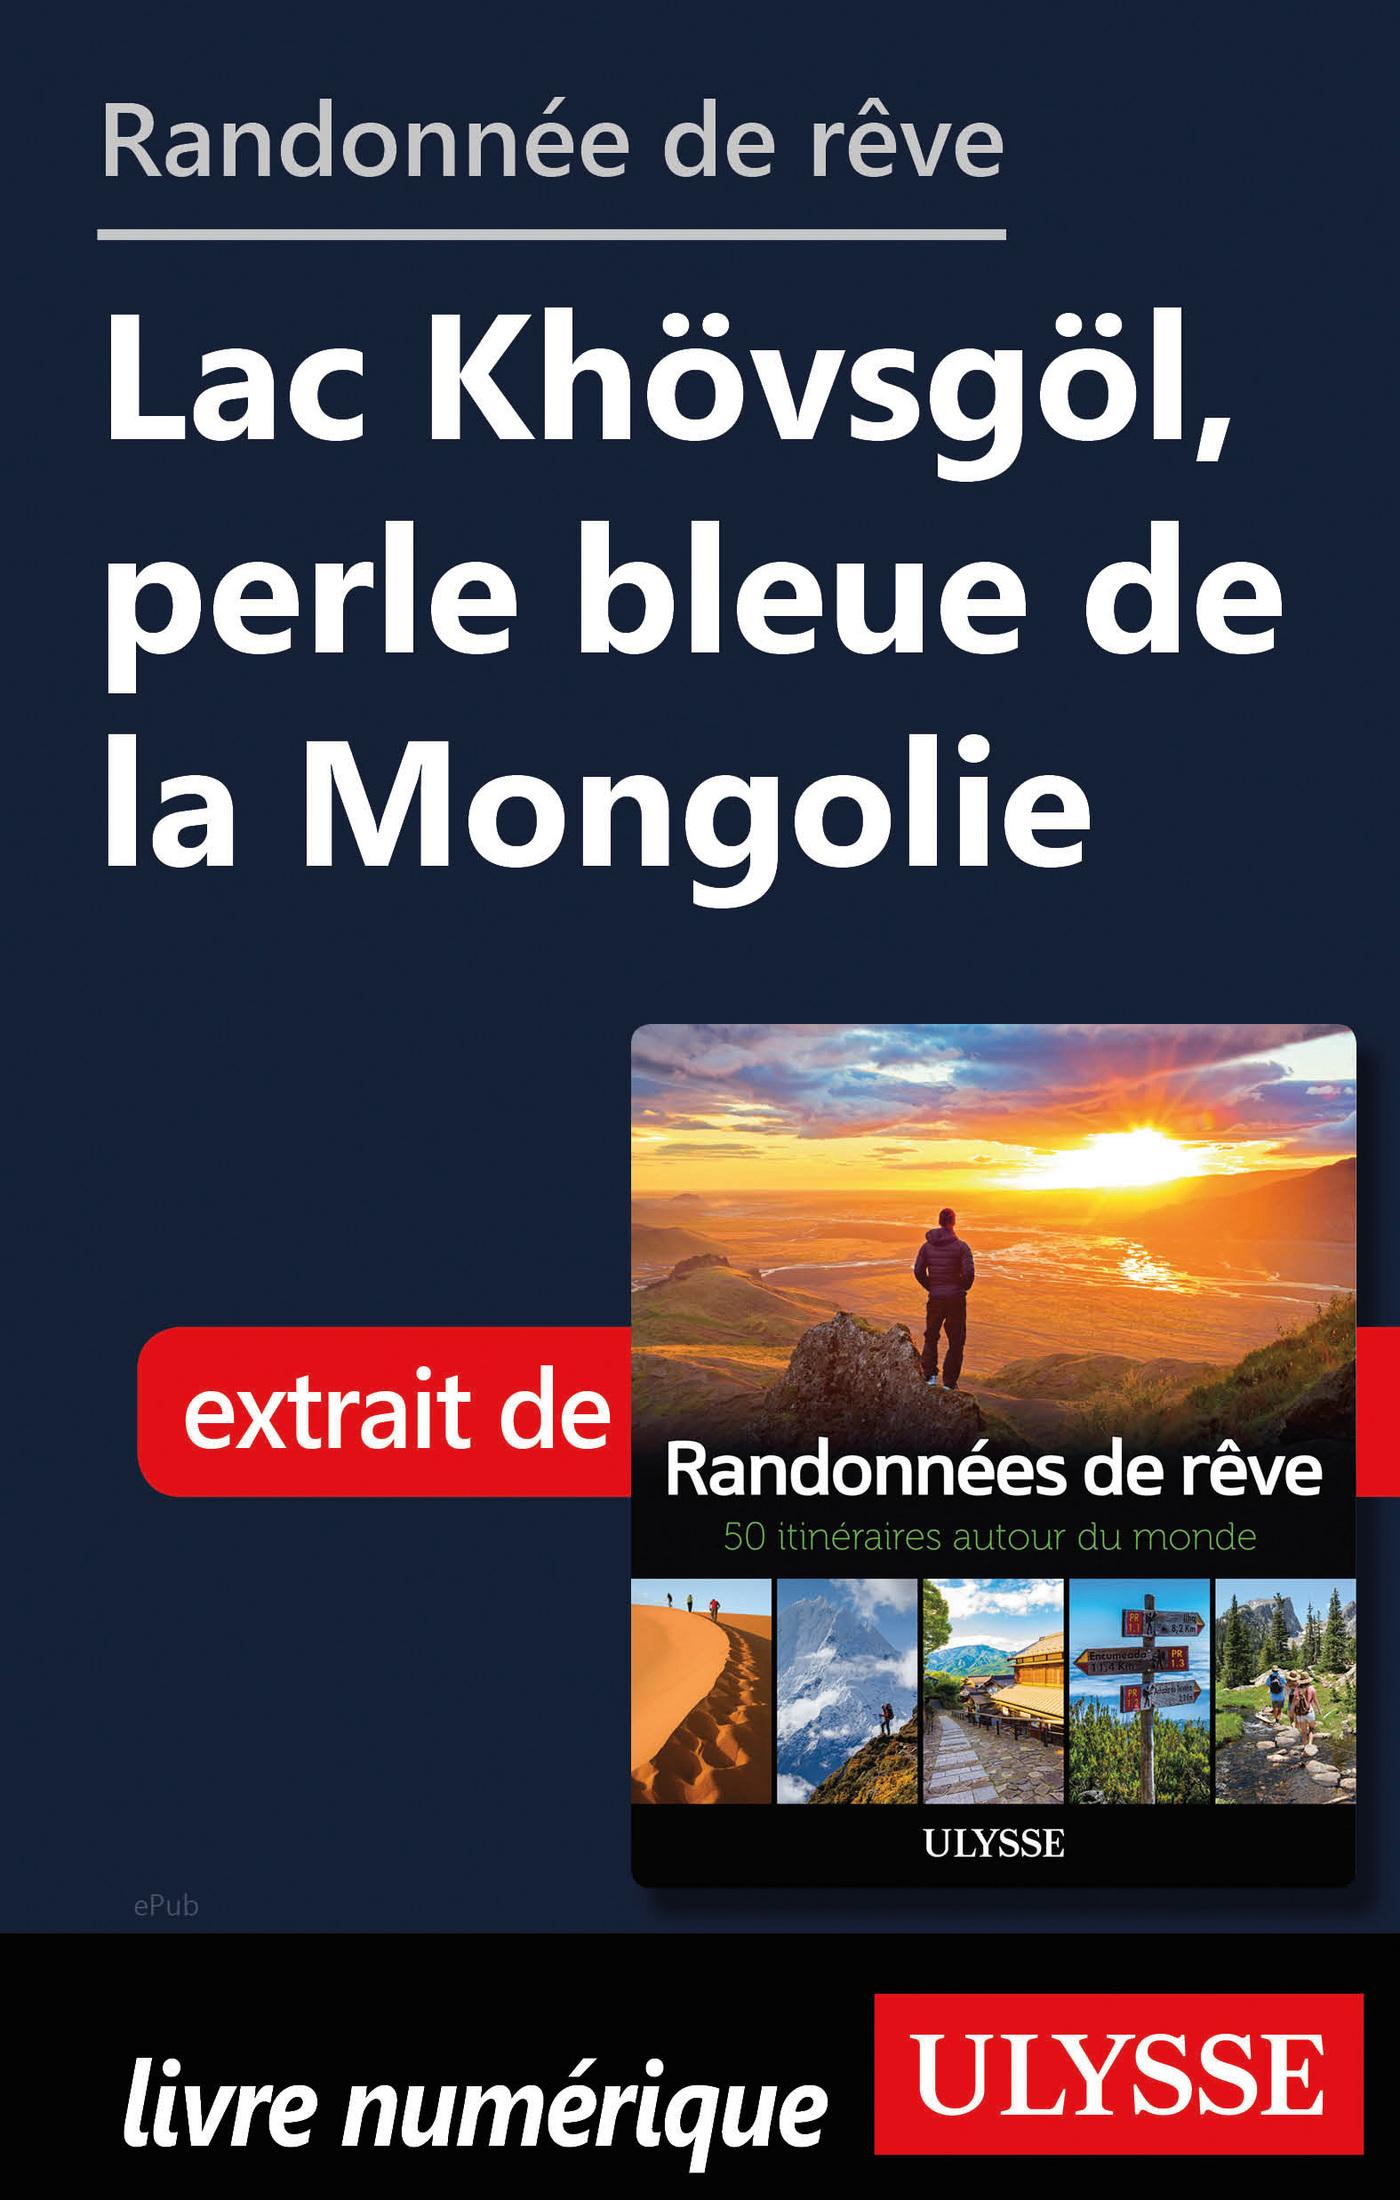 Randonn?e de r?ve - Lac Kh?vsg?l, perle bleue de la Mongolie